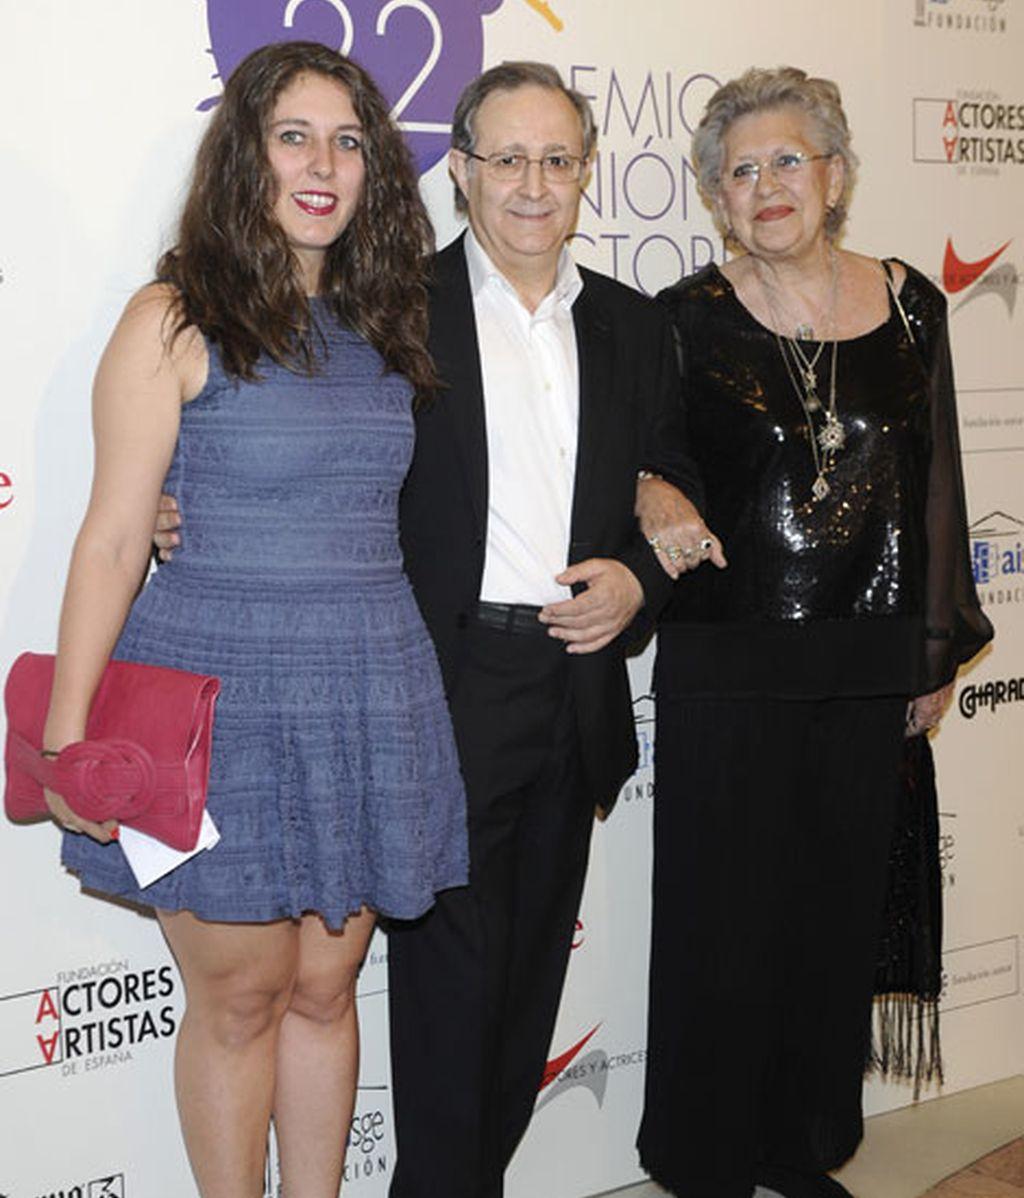 Los actores José Antonio Sayagués y Pilar Bardem tampoco faltaron al evento